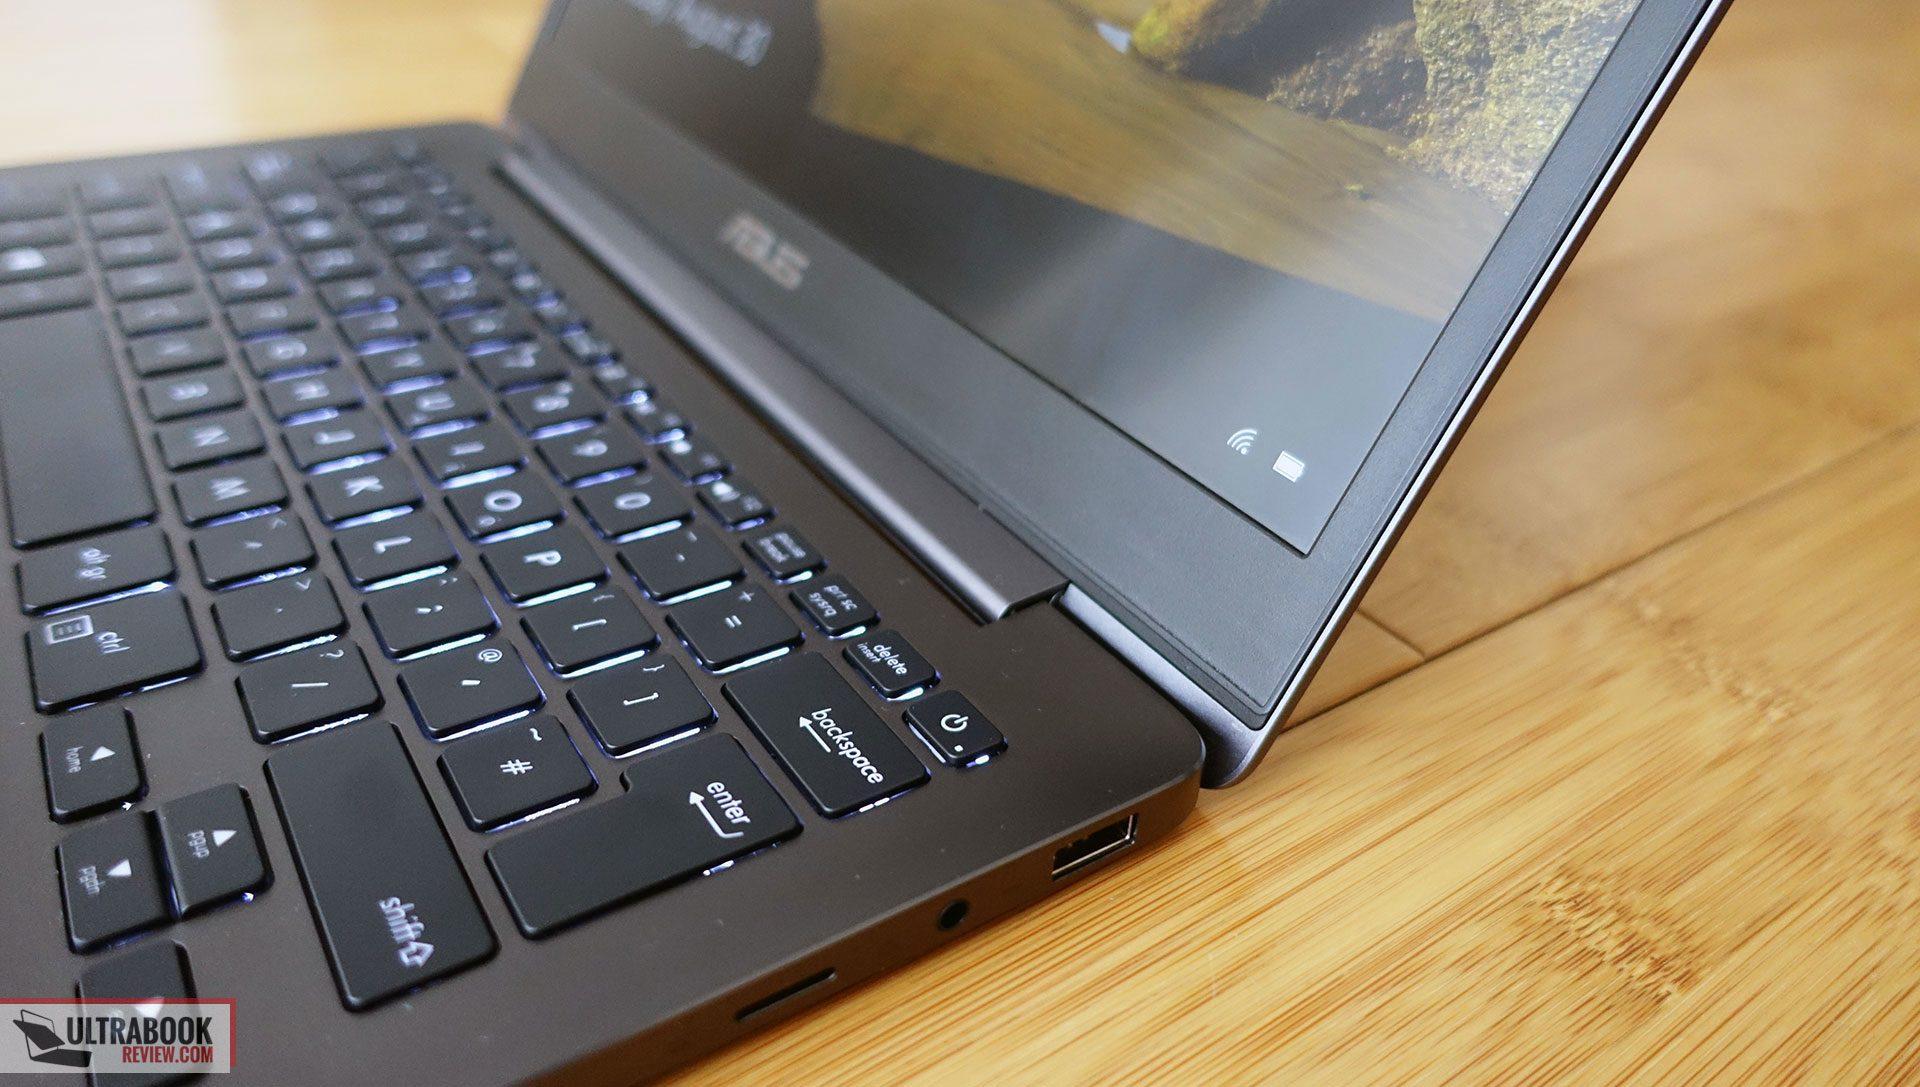 Asus Zenbook 13 UX331UN review - Core i5-8250U CPU and